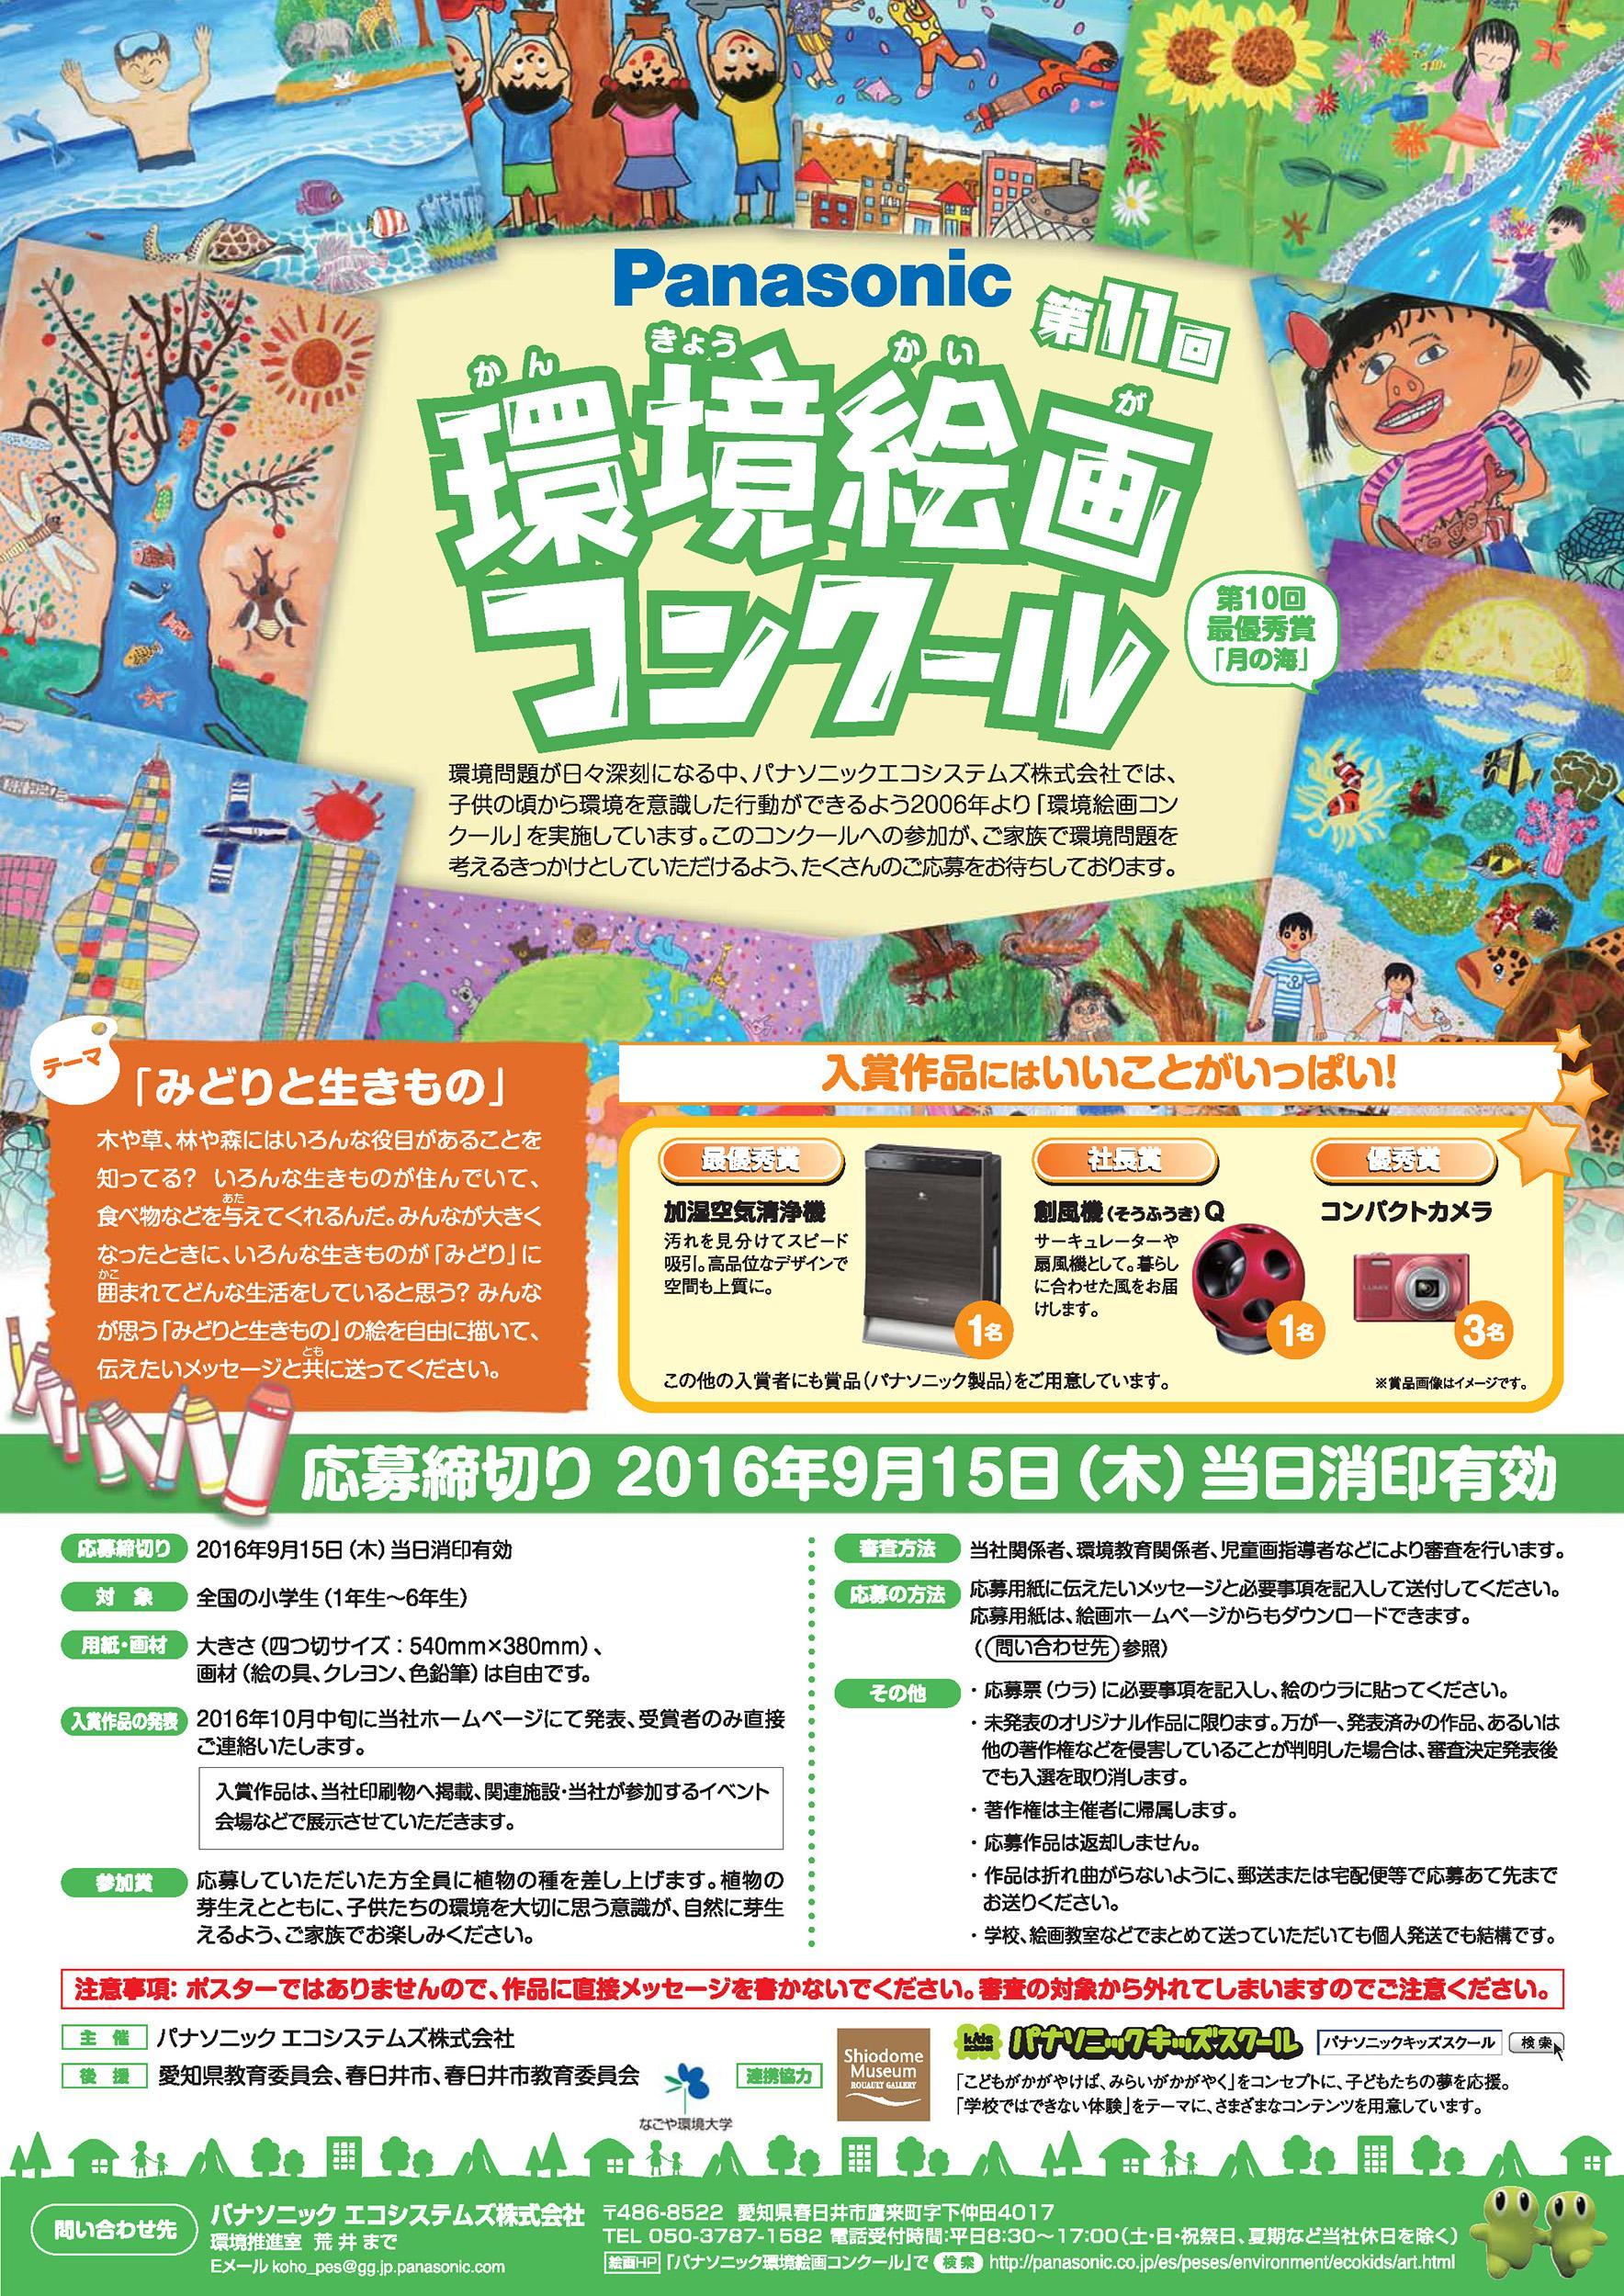 【小学生対象】パナソニックが「みどりと生きもの」をテーマにした環境絵画コンクールを開催